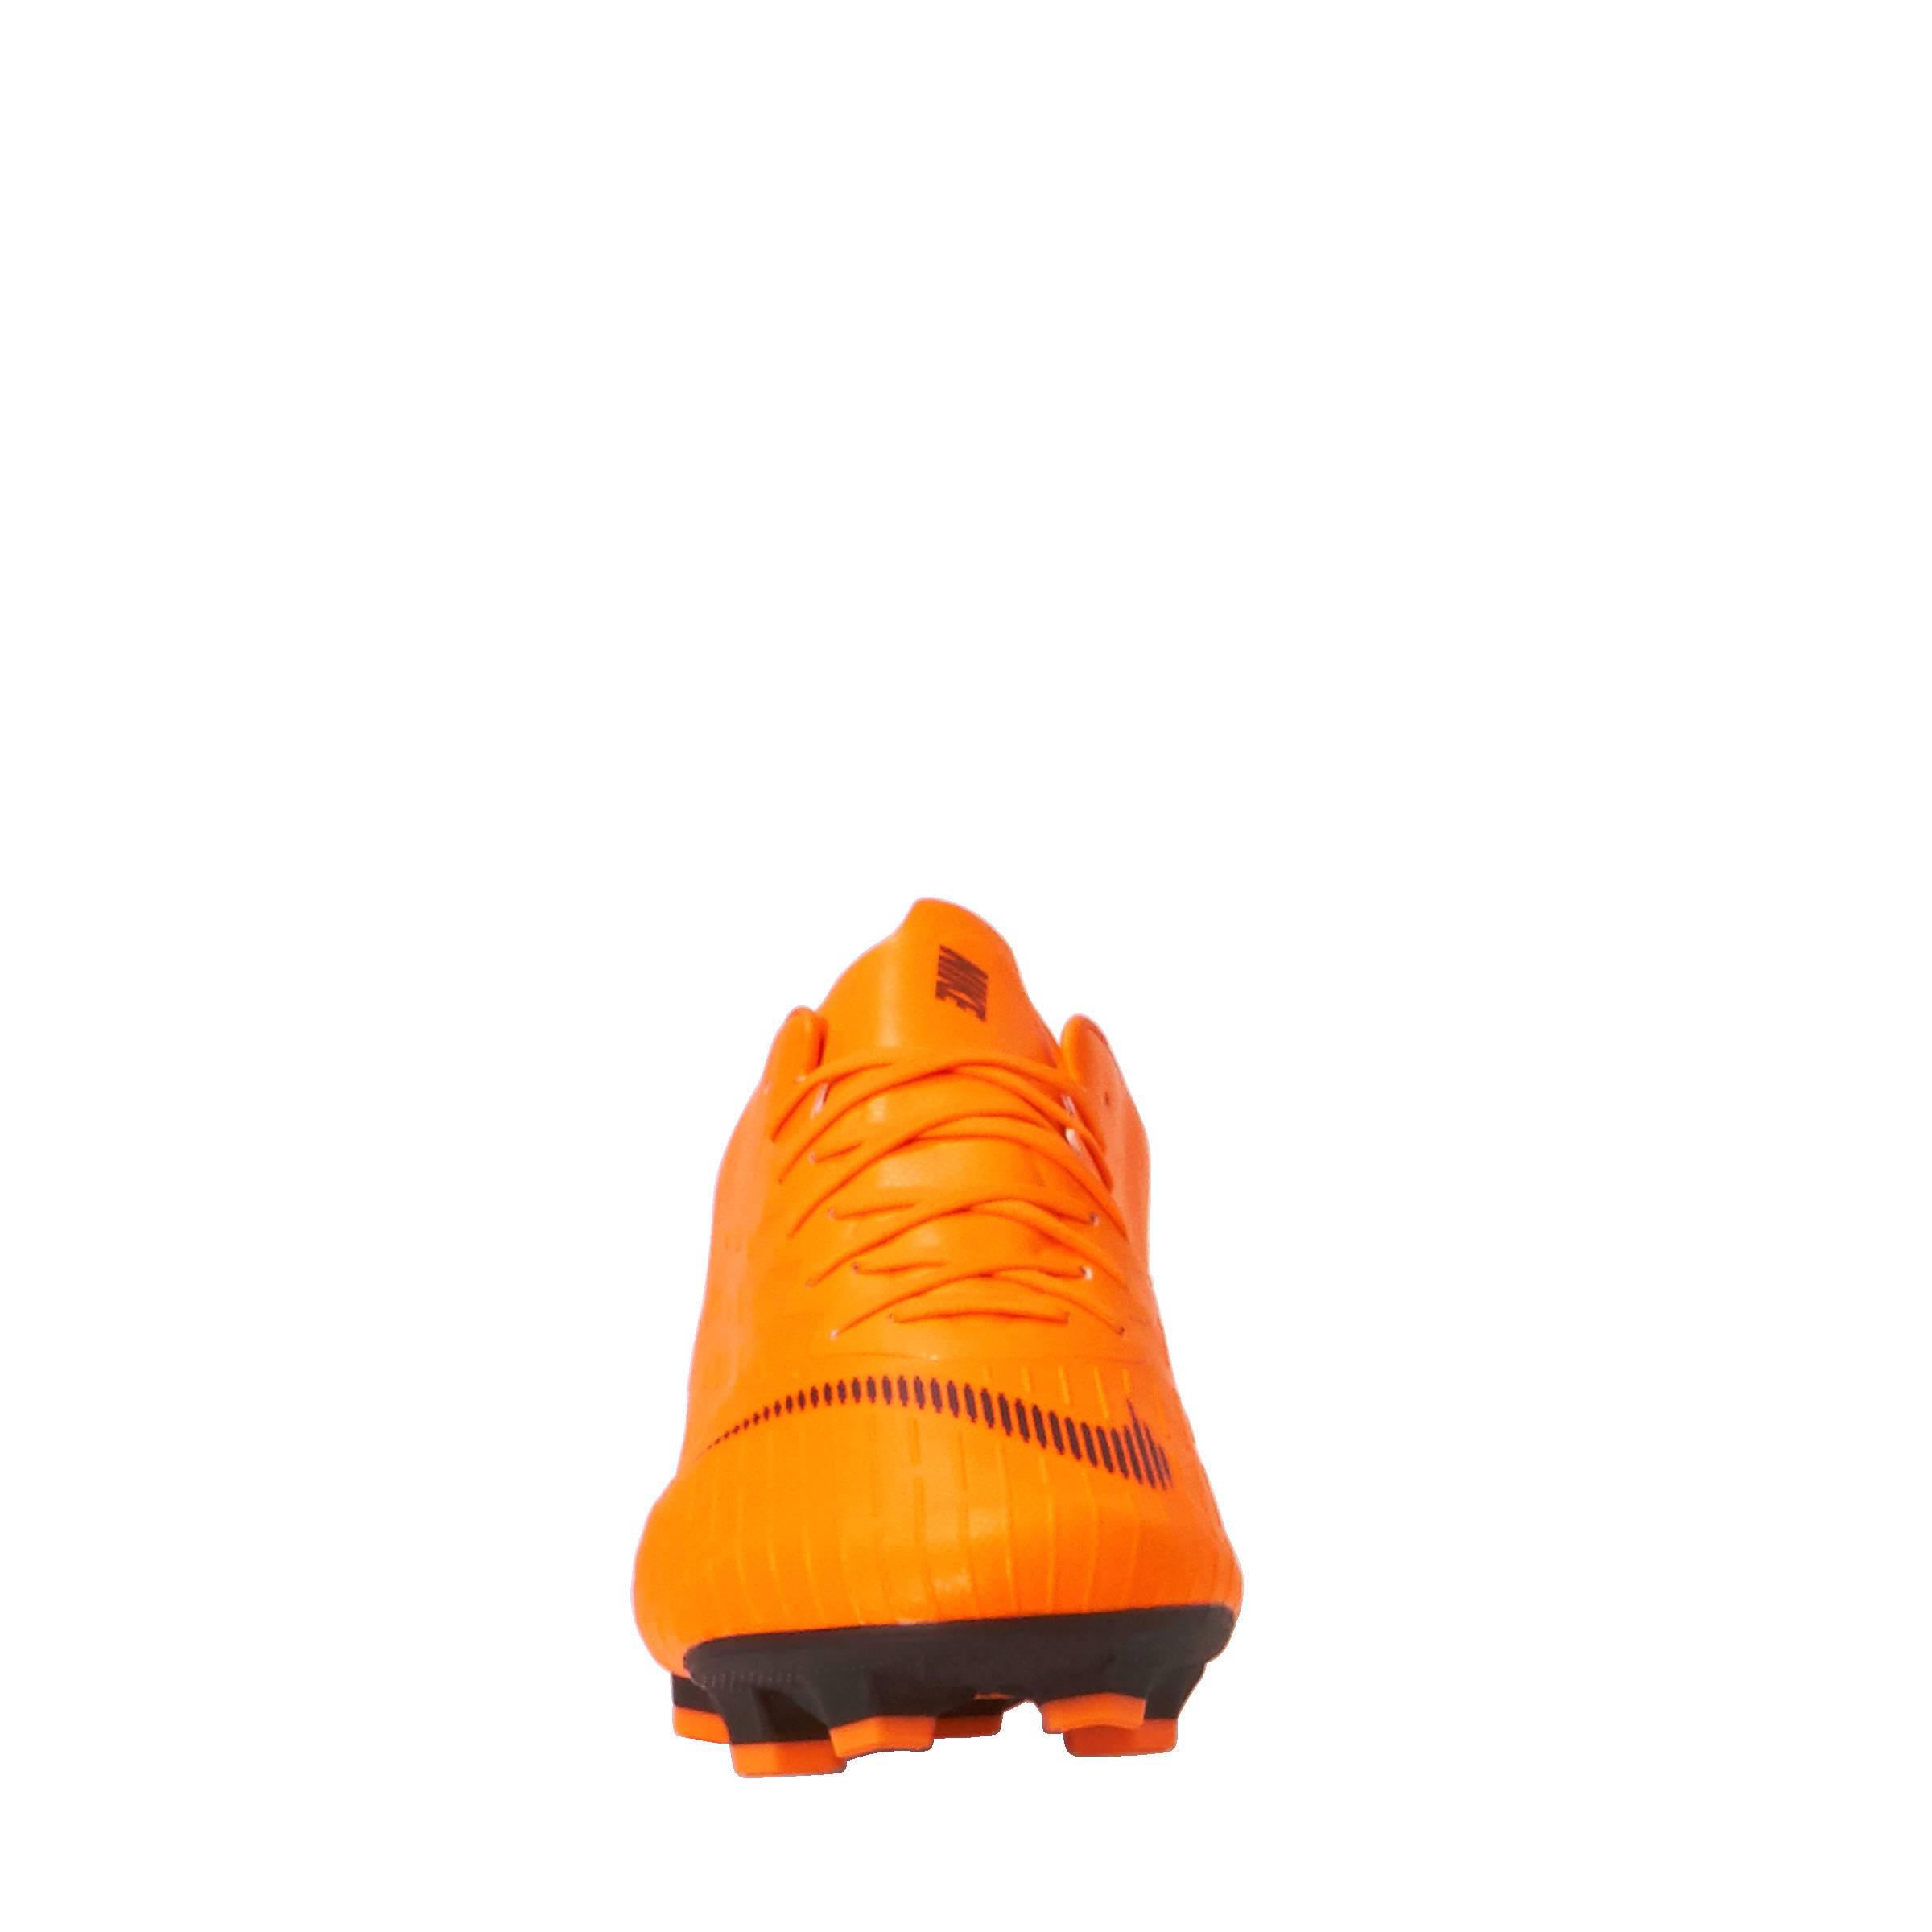 1dcd1ee9c93 Nike Mercurial Vapor 12 Pro FG voetbalschoenen   wehkamp